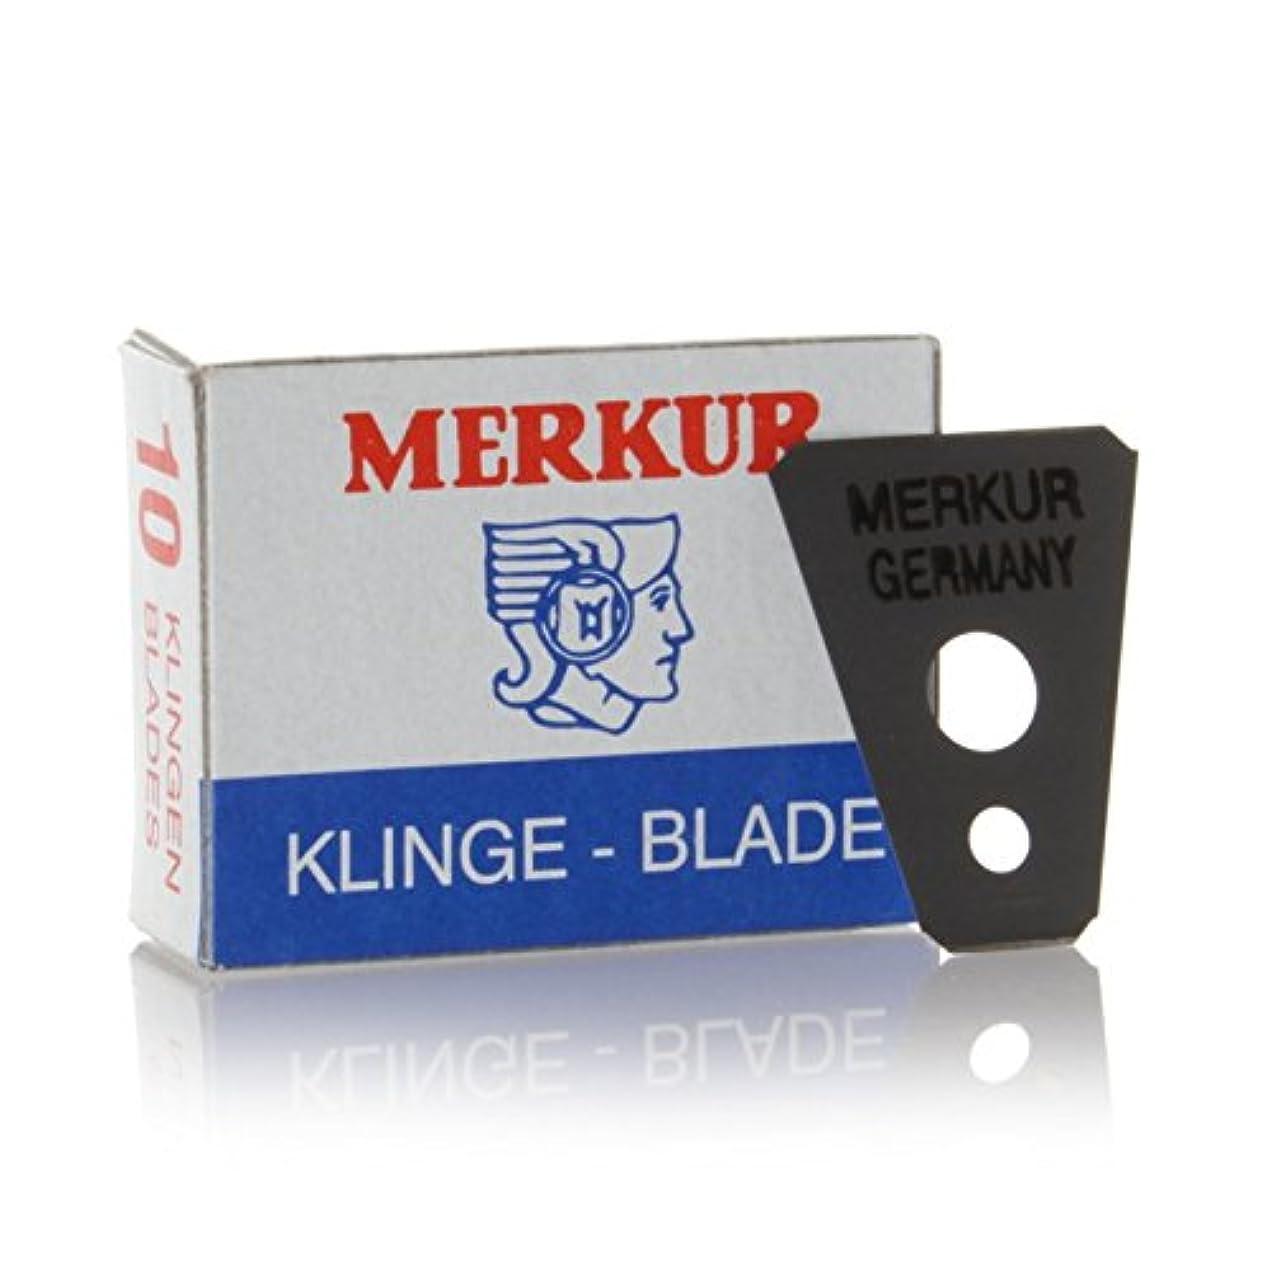 主張霧ハッピーMERKUR Solingen - Razor blades for moustache shaver, 10 pieces, 90908100